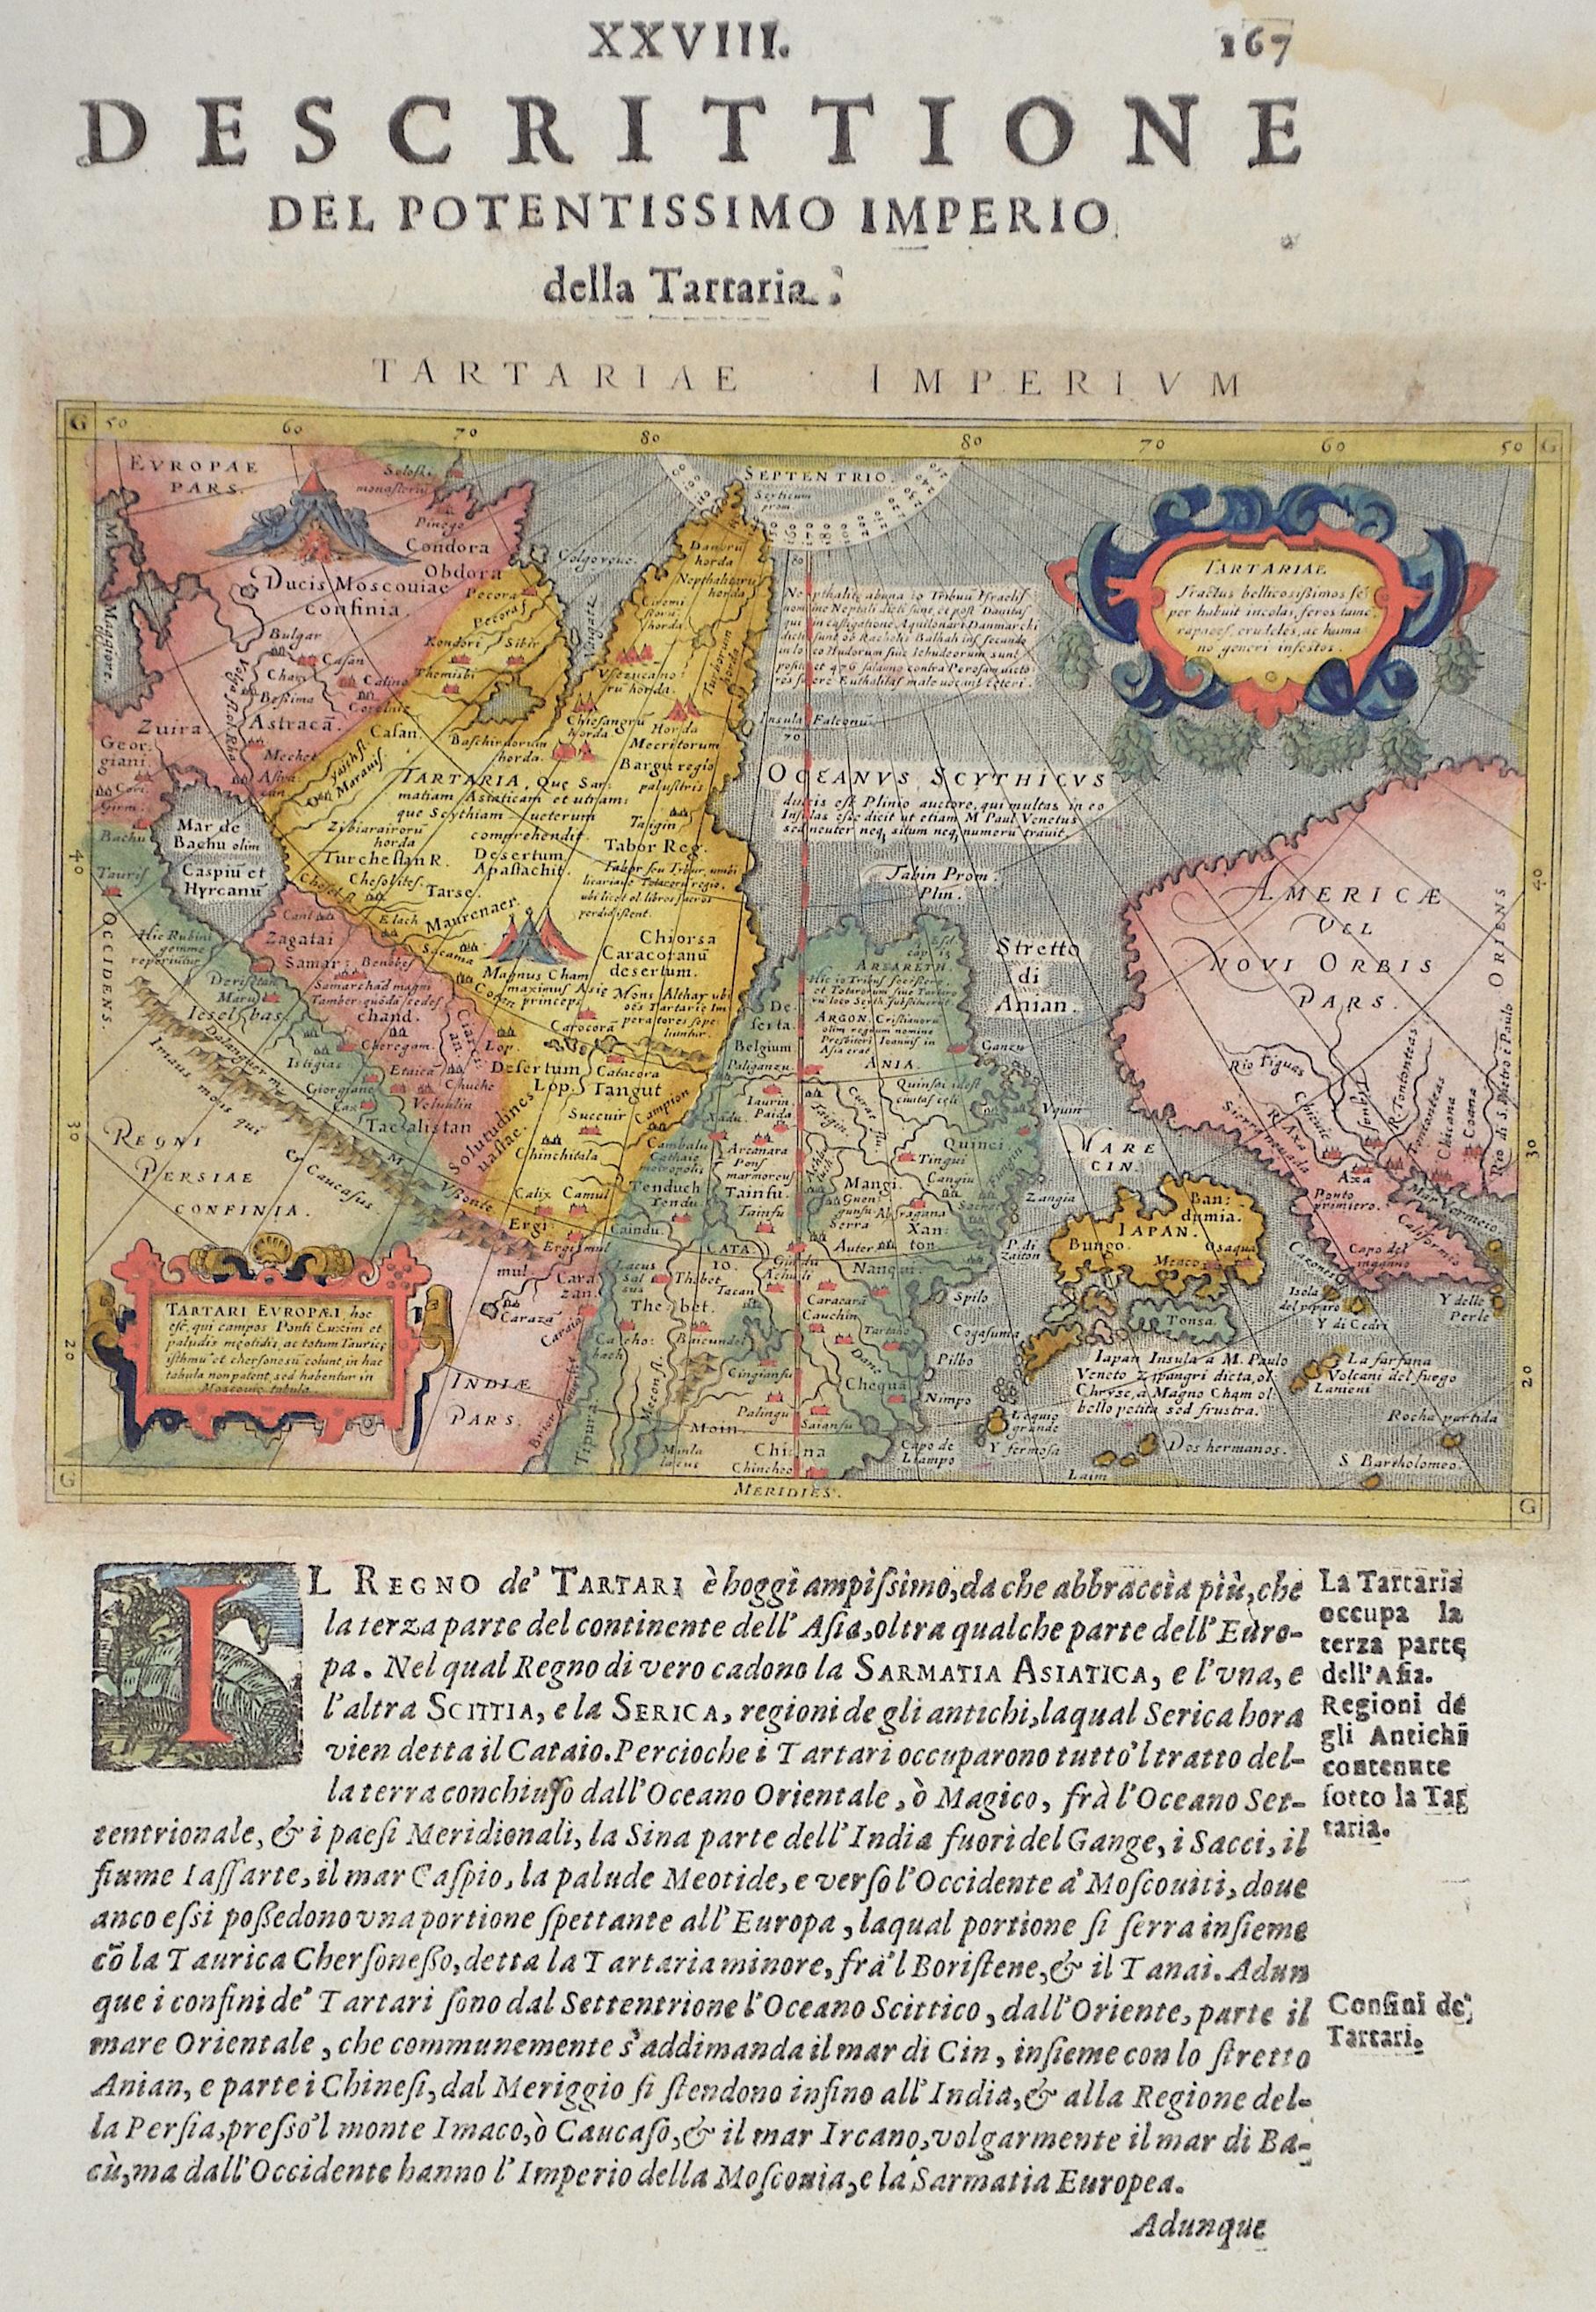 Porro  XXVIII. Descrittione del Potentissimo Imperio della Tartaria.